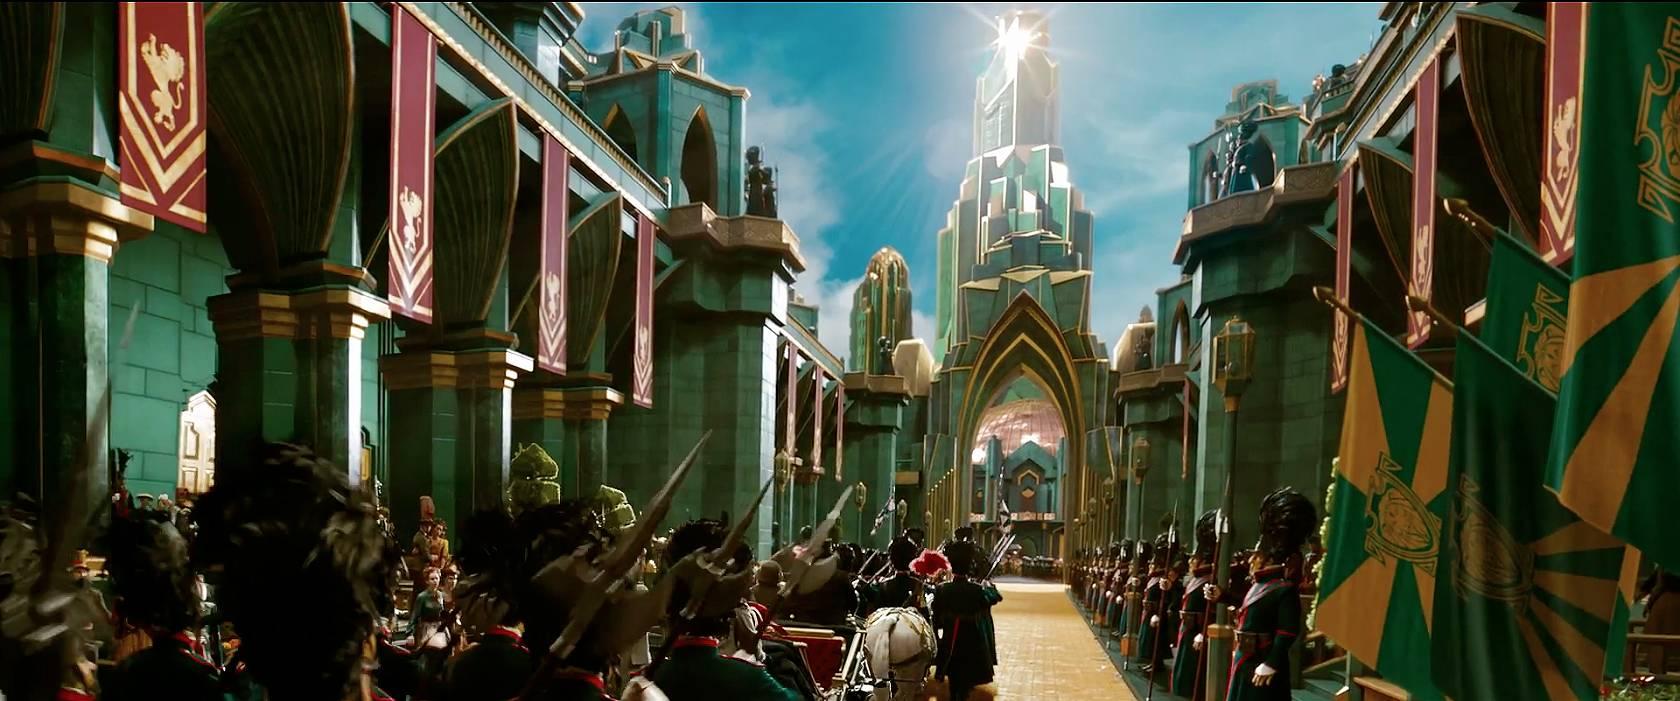 Le Monde Fantastique d'Oz [Disney - 2013] - Page 4 Oz1